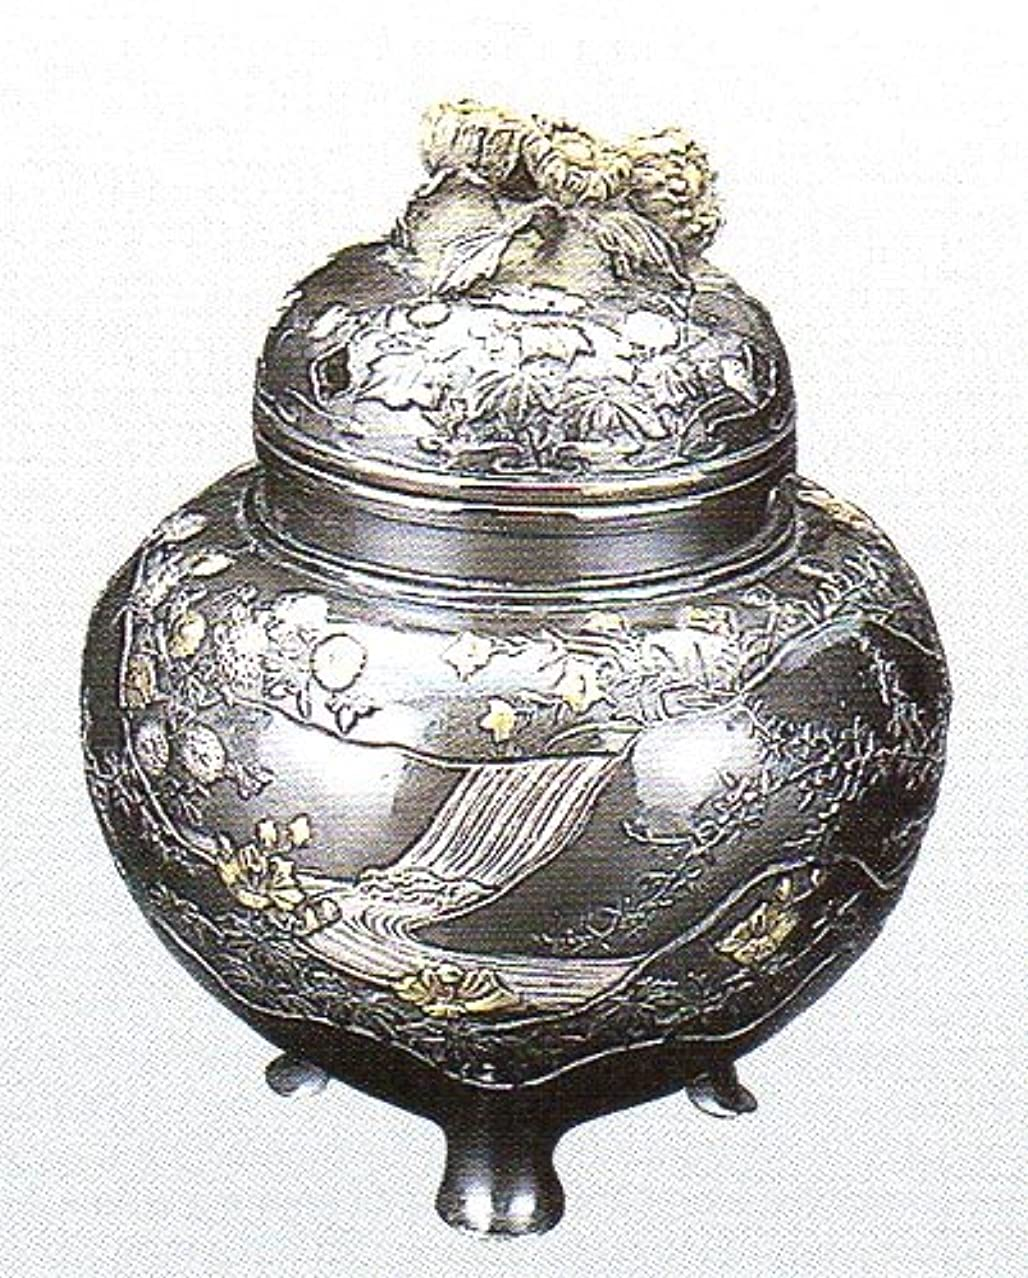 祝福けがをするカビ香炉 四季 蝋型青銅製 桐箱入 高さ10.2×幅9.2×奥行9.2cm